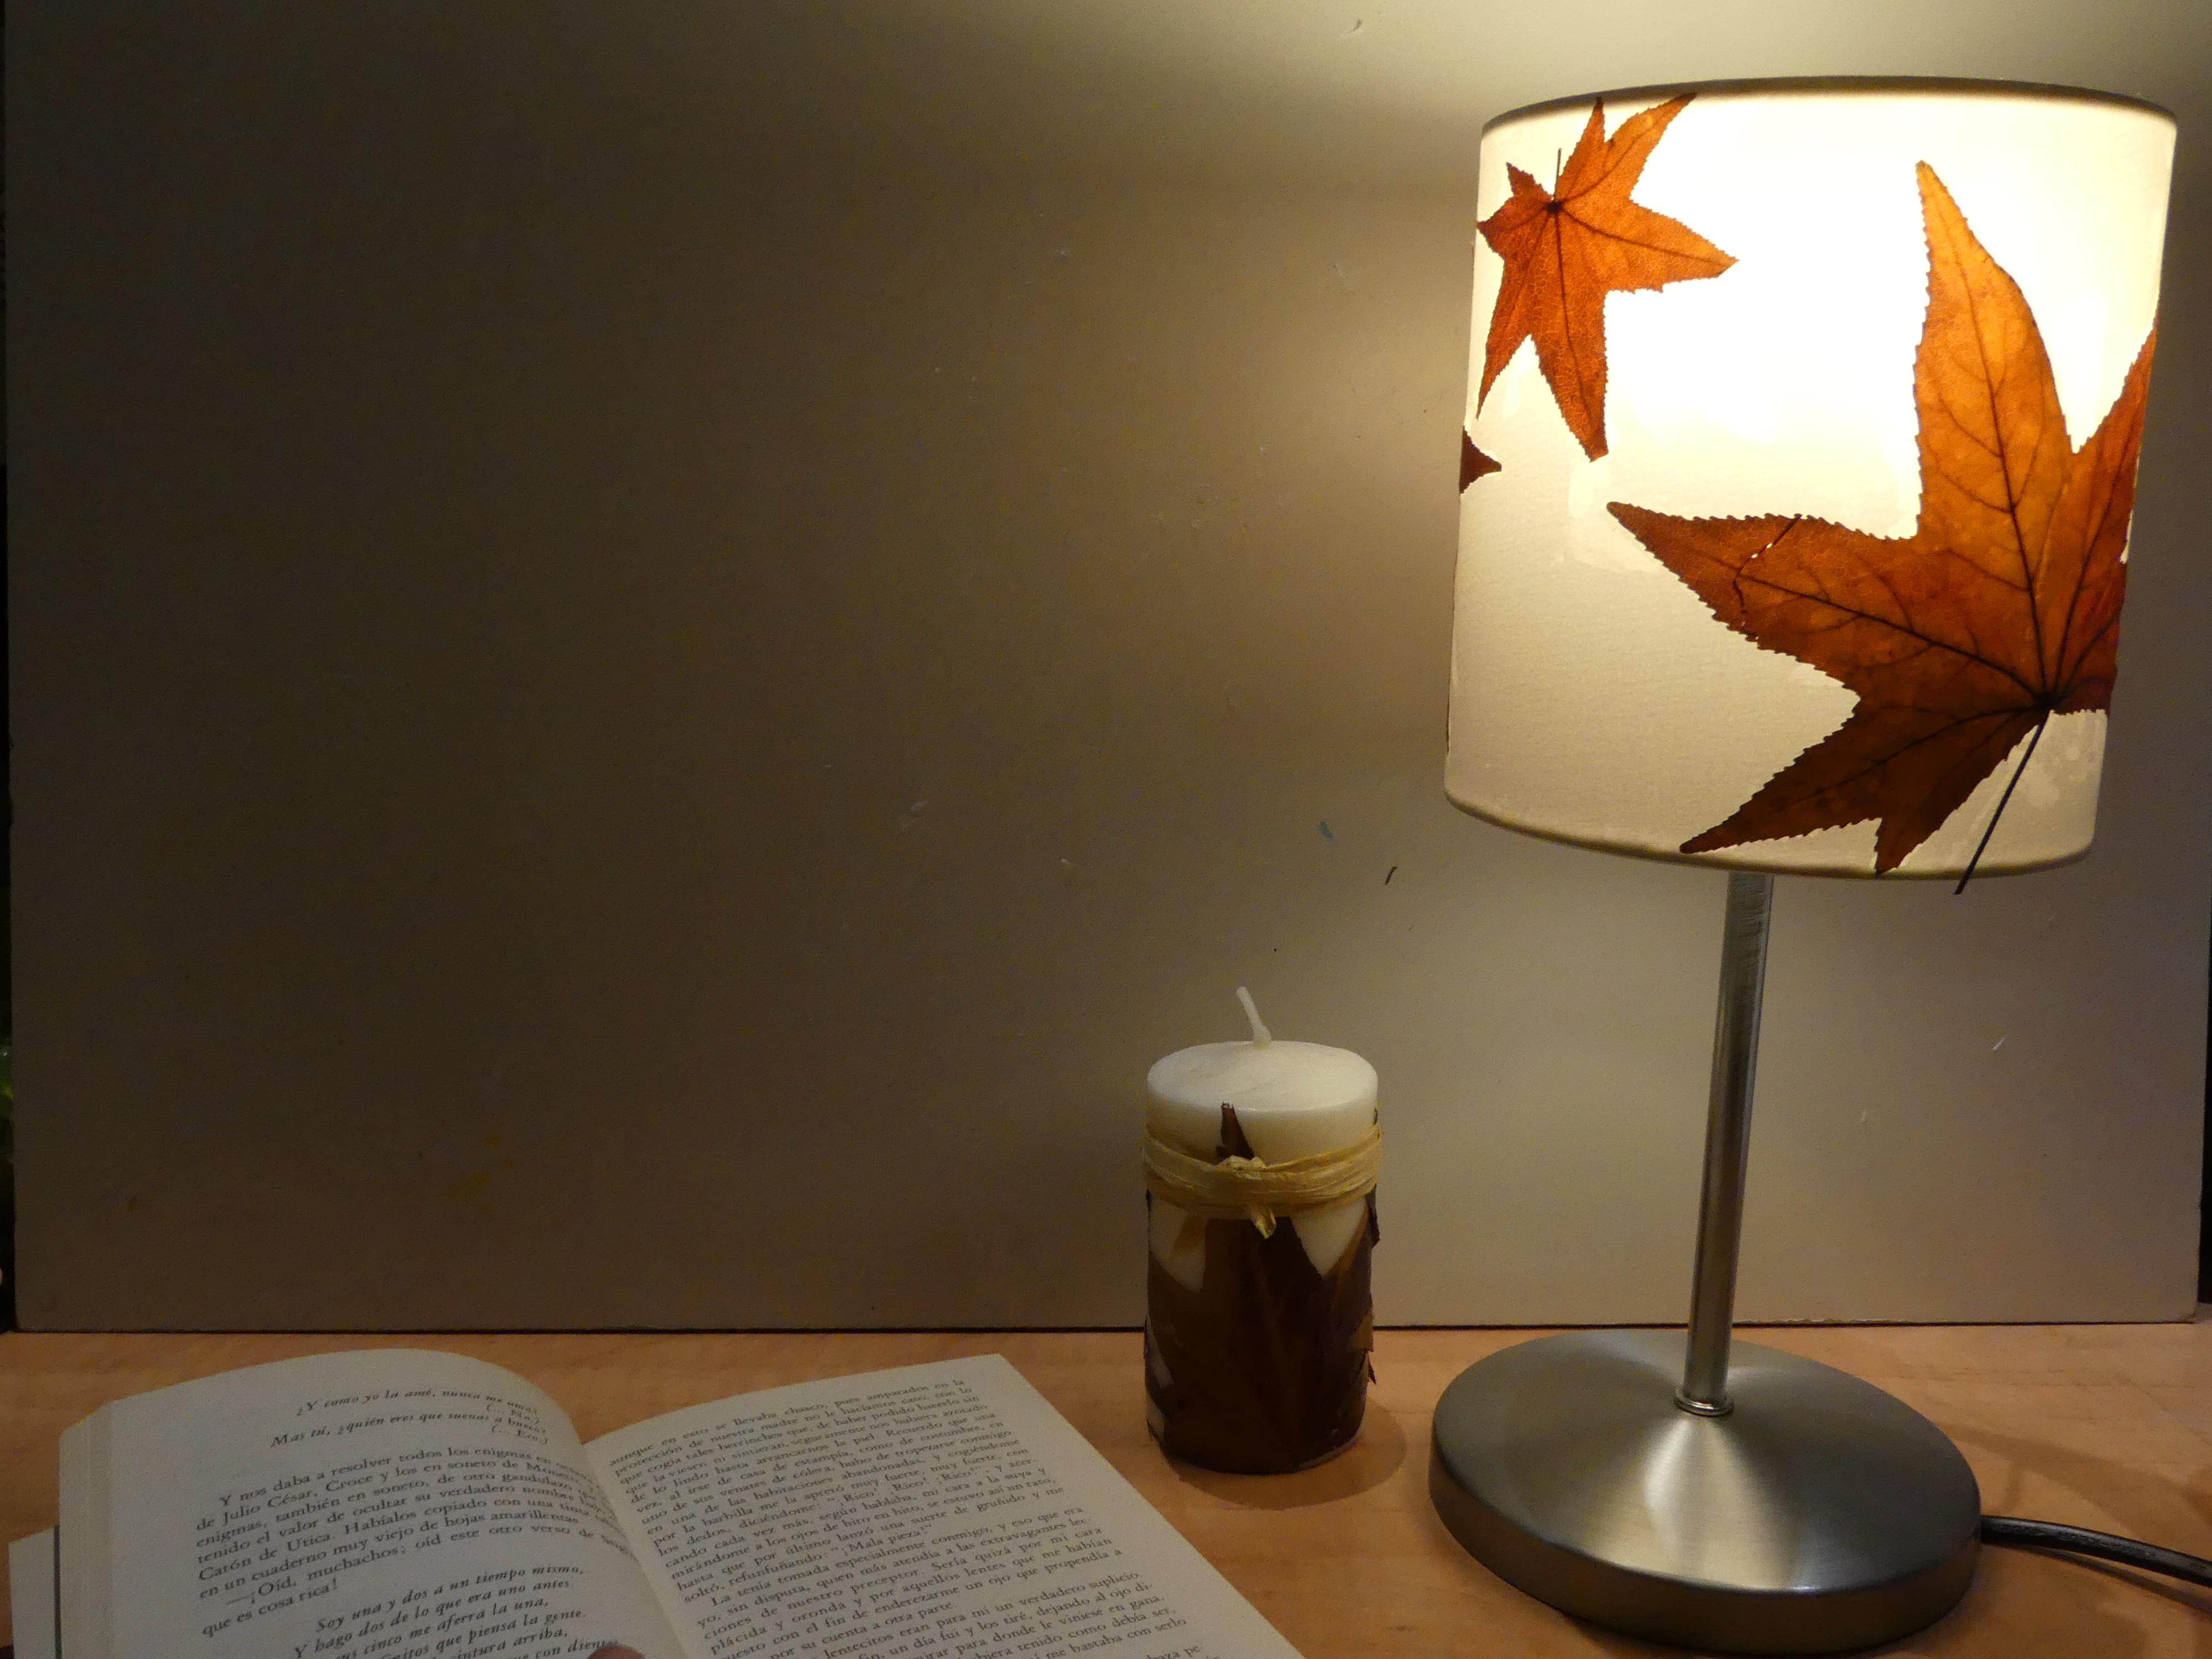 DIY Ikea decoración otoñal